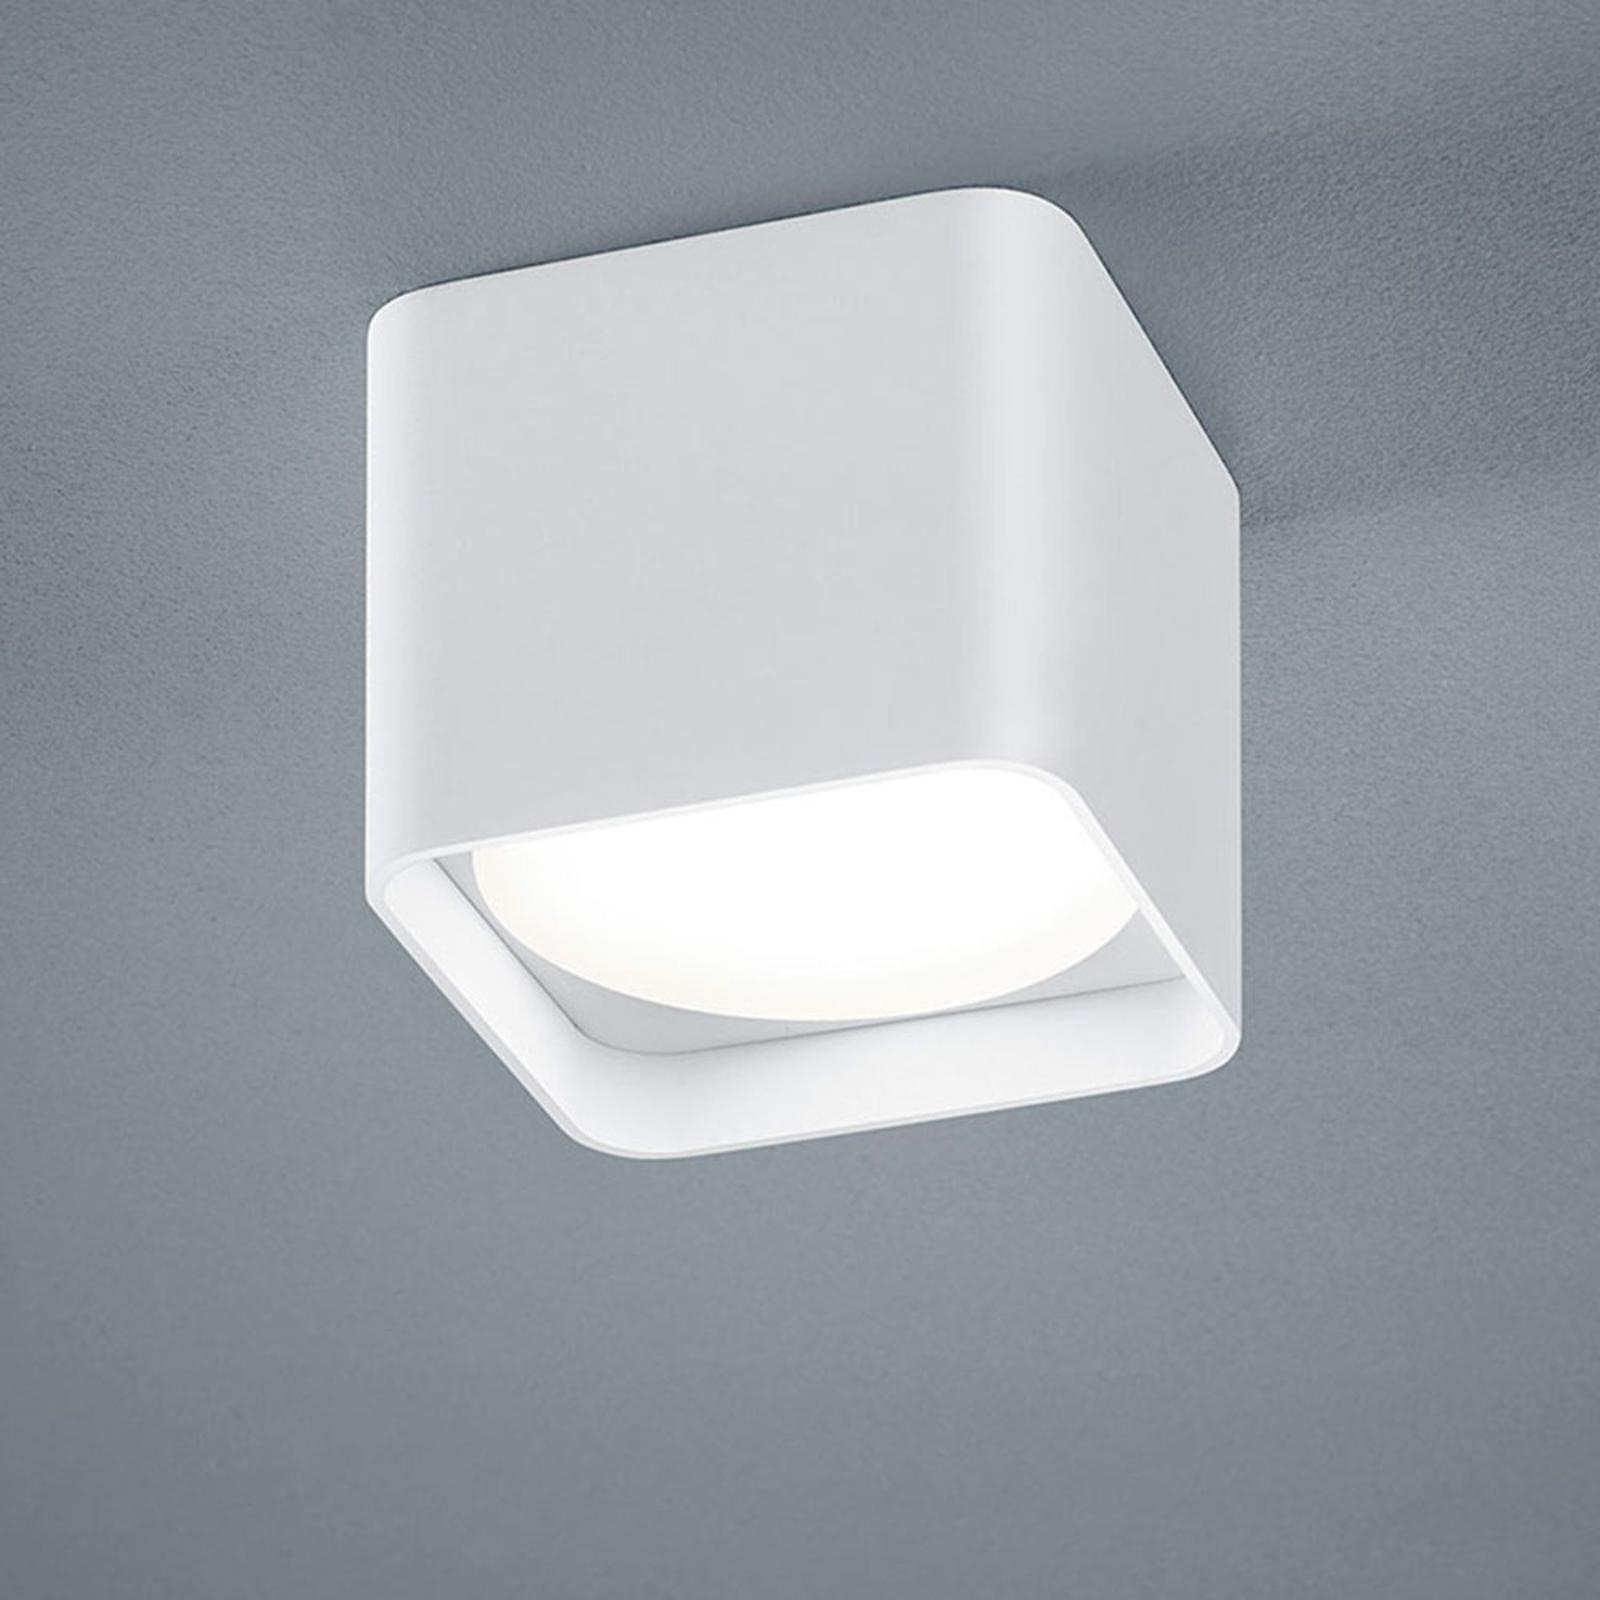 Helestra Dora LED-Deckenleuchte, eckig, weiß matt